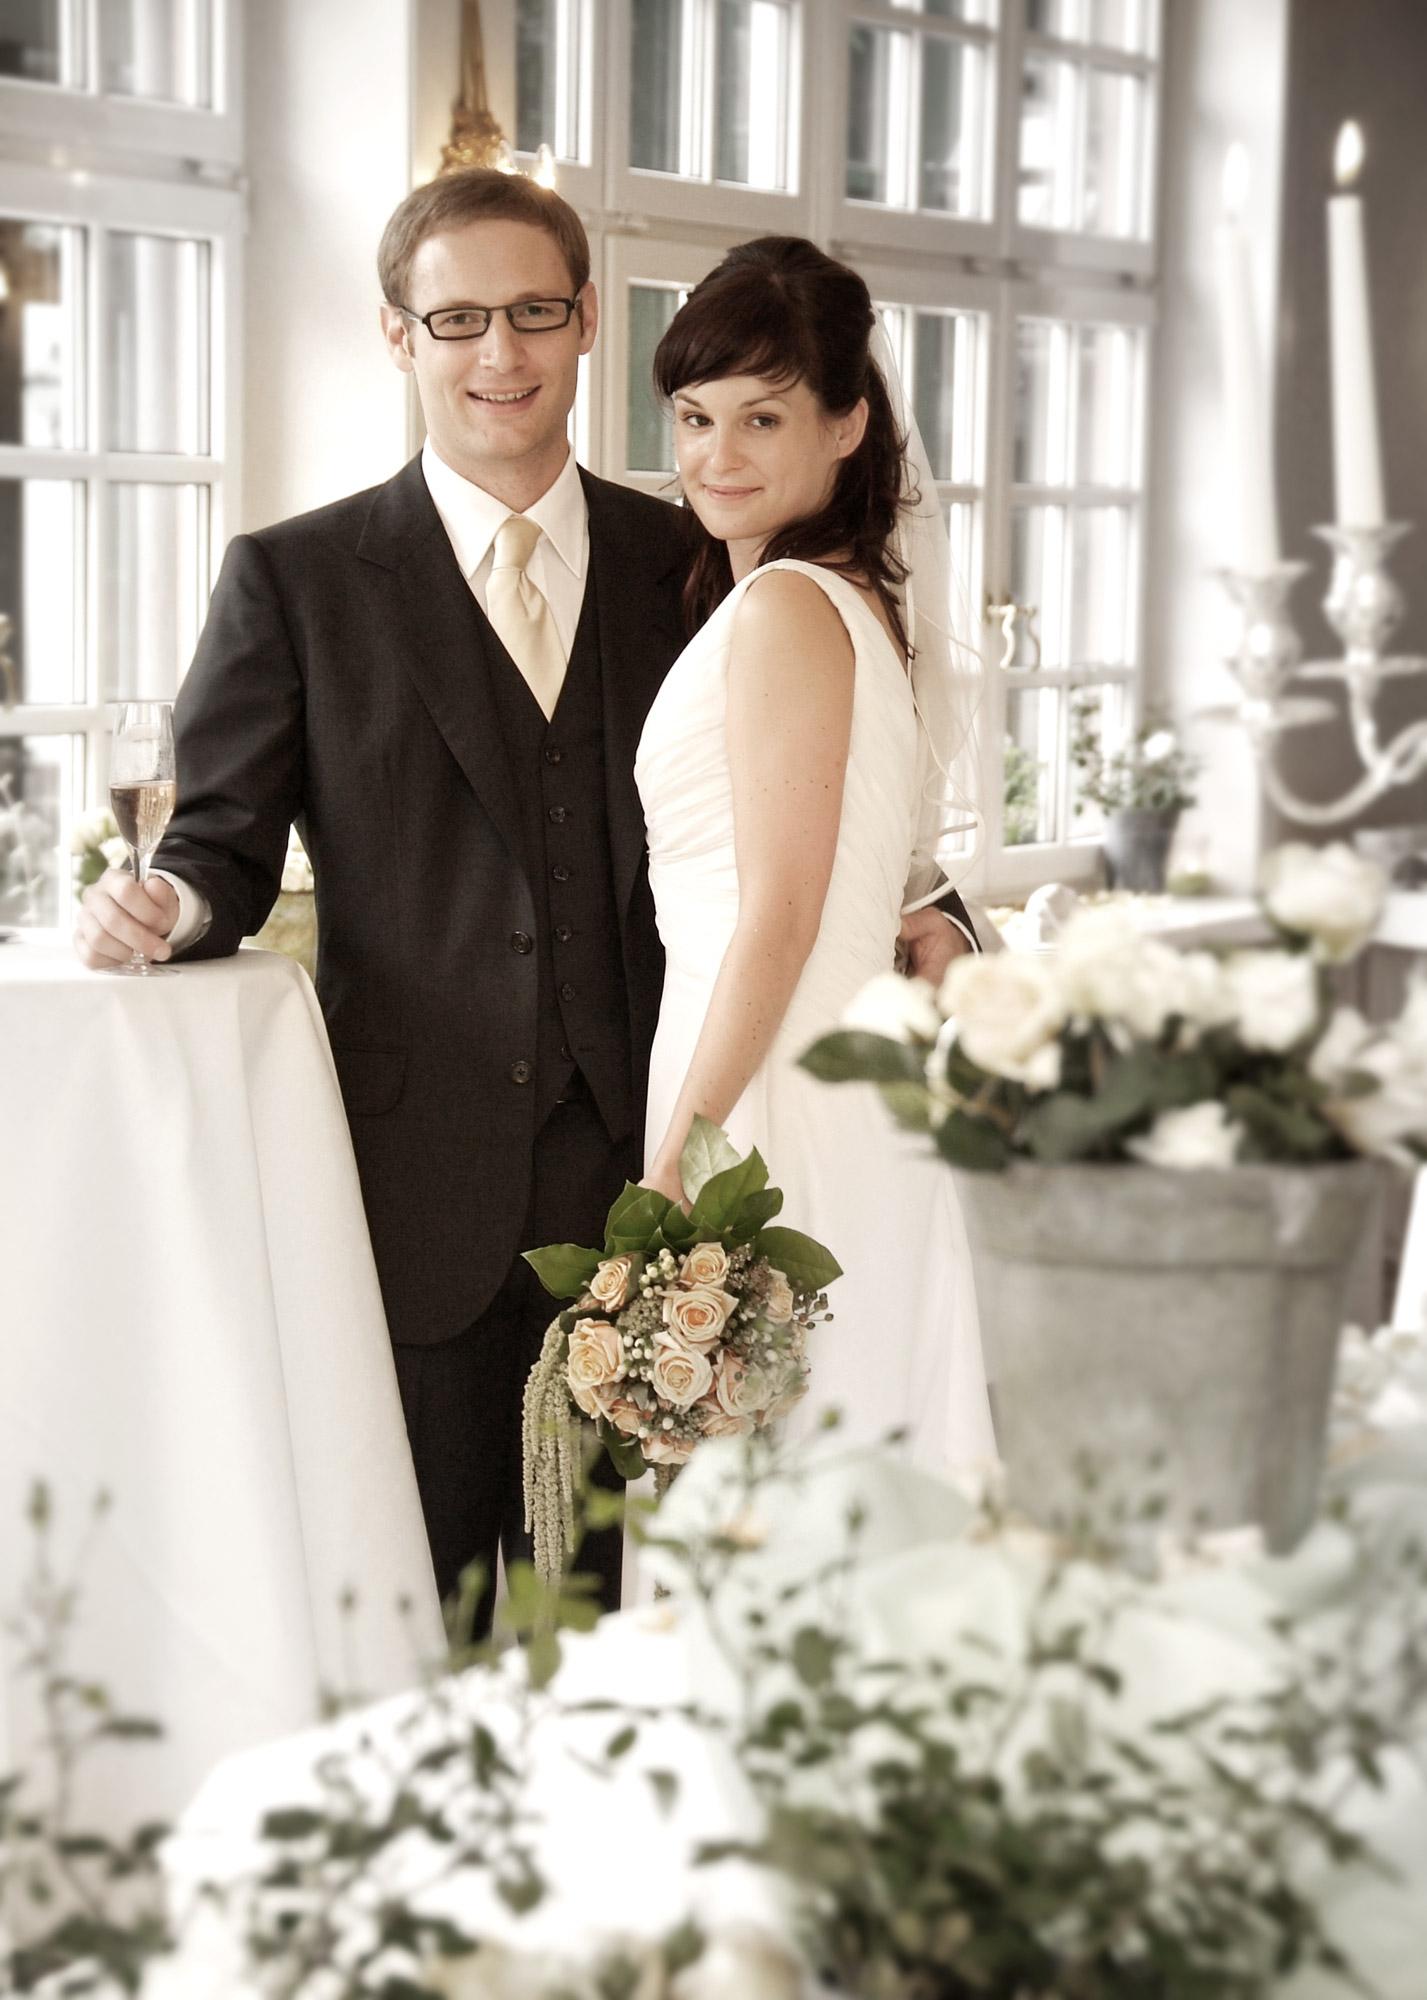 Hochzeitsportrait Ambiente Feierlichkeit